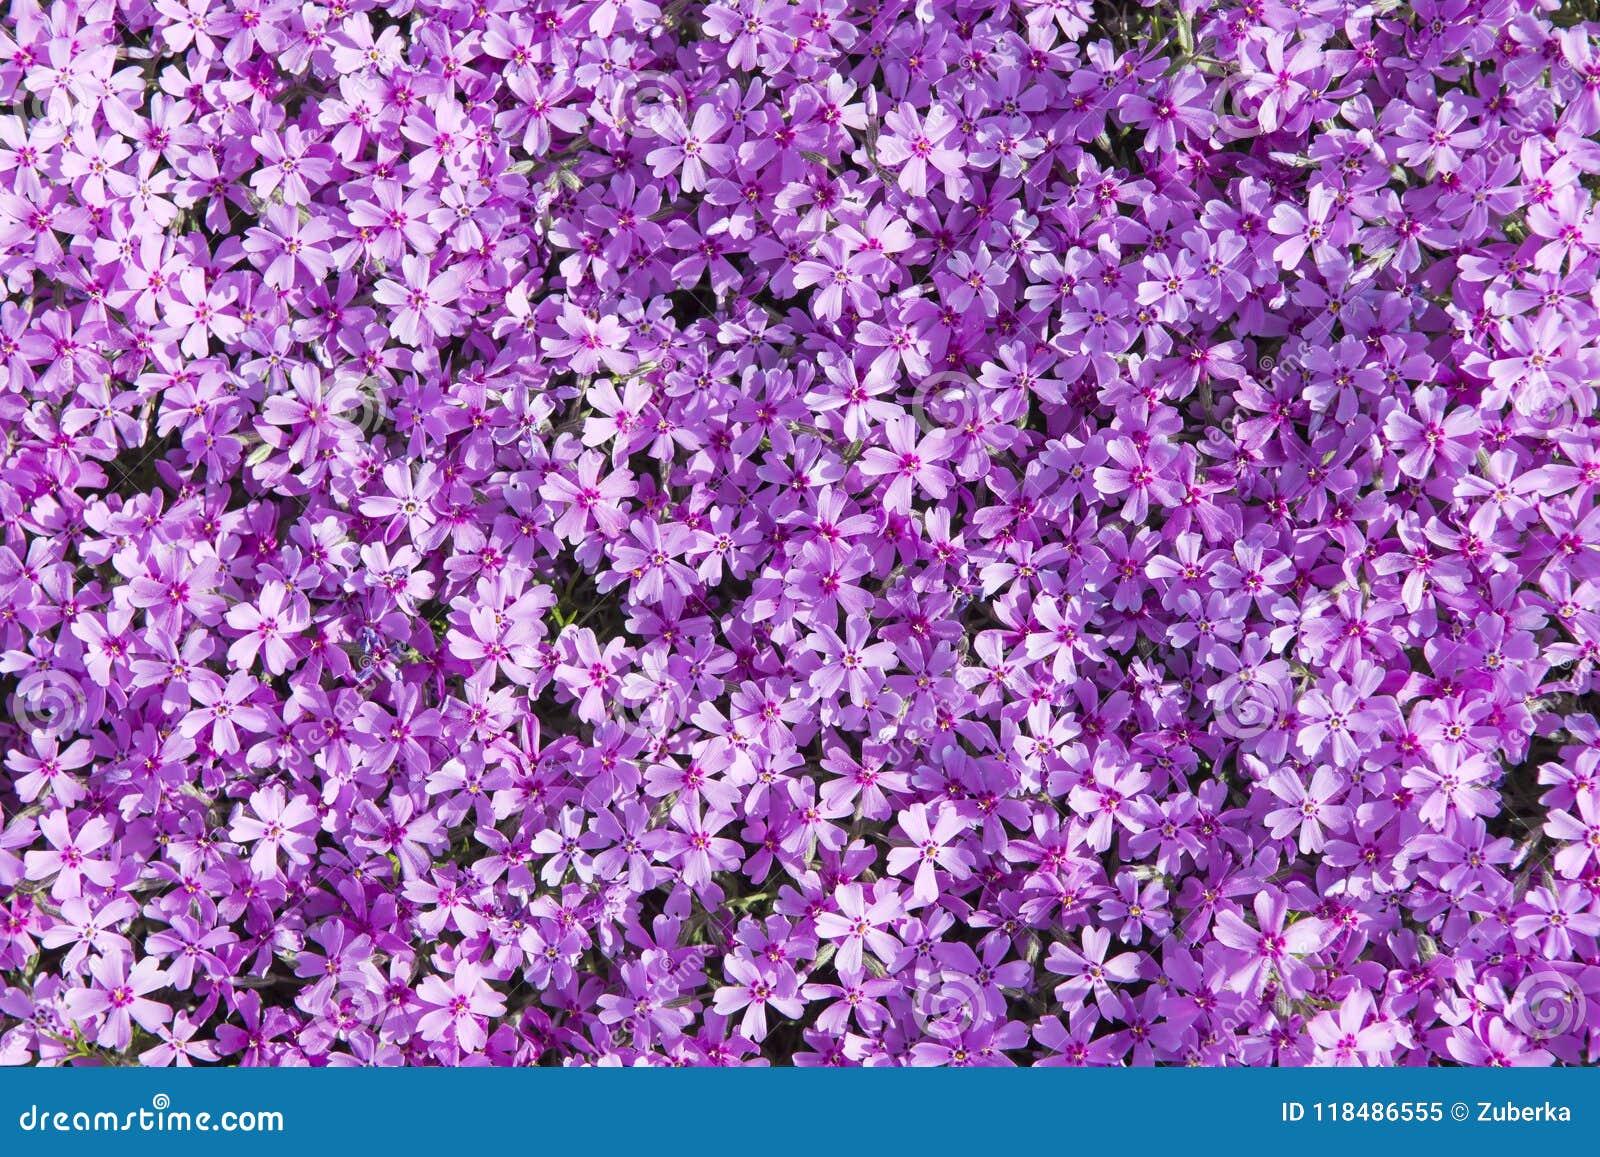 Pink Moss Phlox Background Stock Image Image Of Botanical 118486555